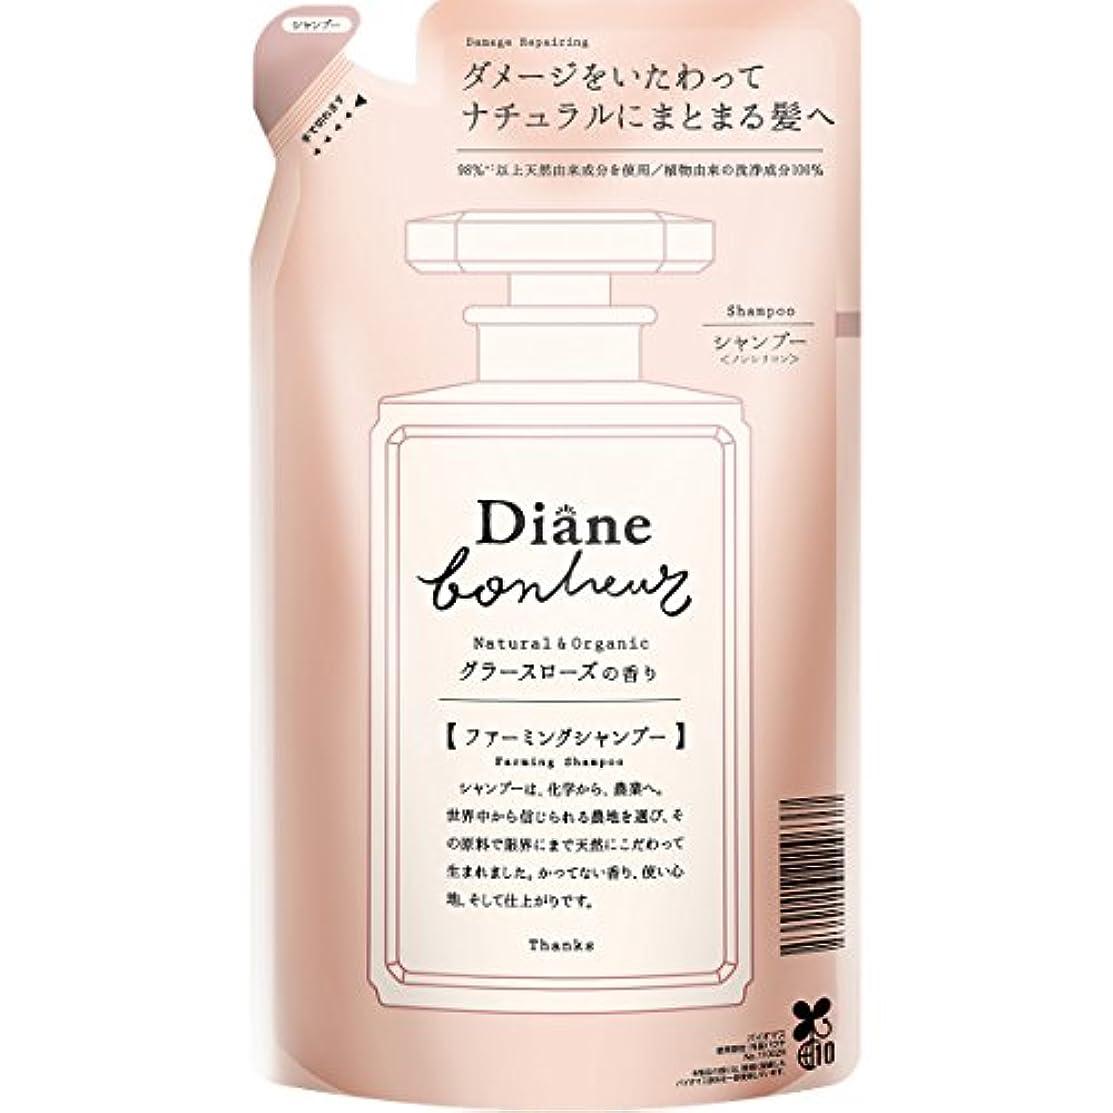 エキスエミュレーション中絶ダイアン ボヌール グラースローズの香り ダメージリペア シャンプー 詰め替え 400ml